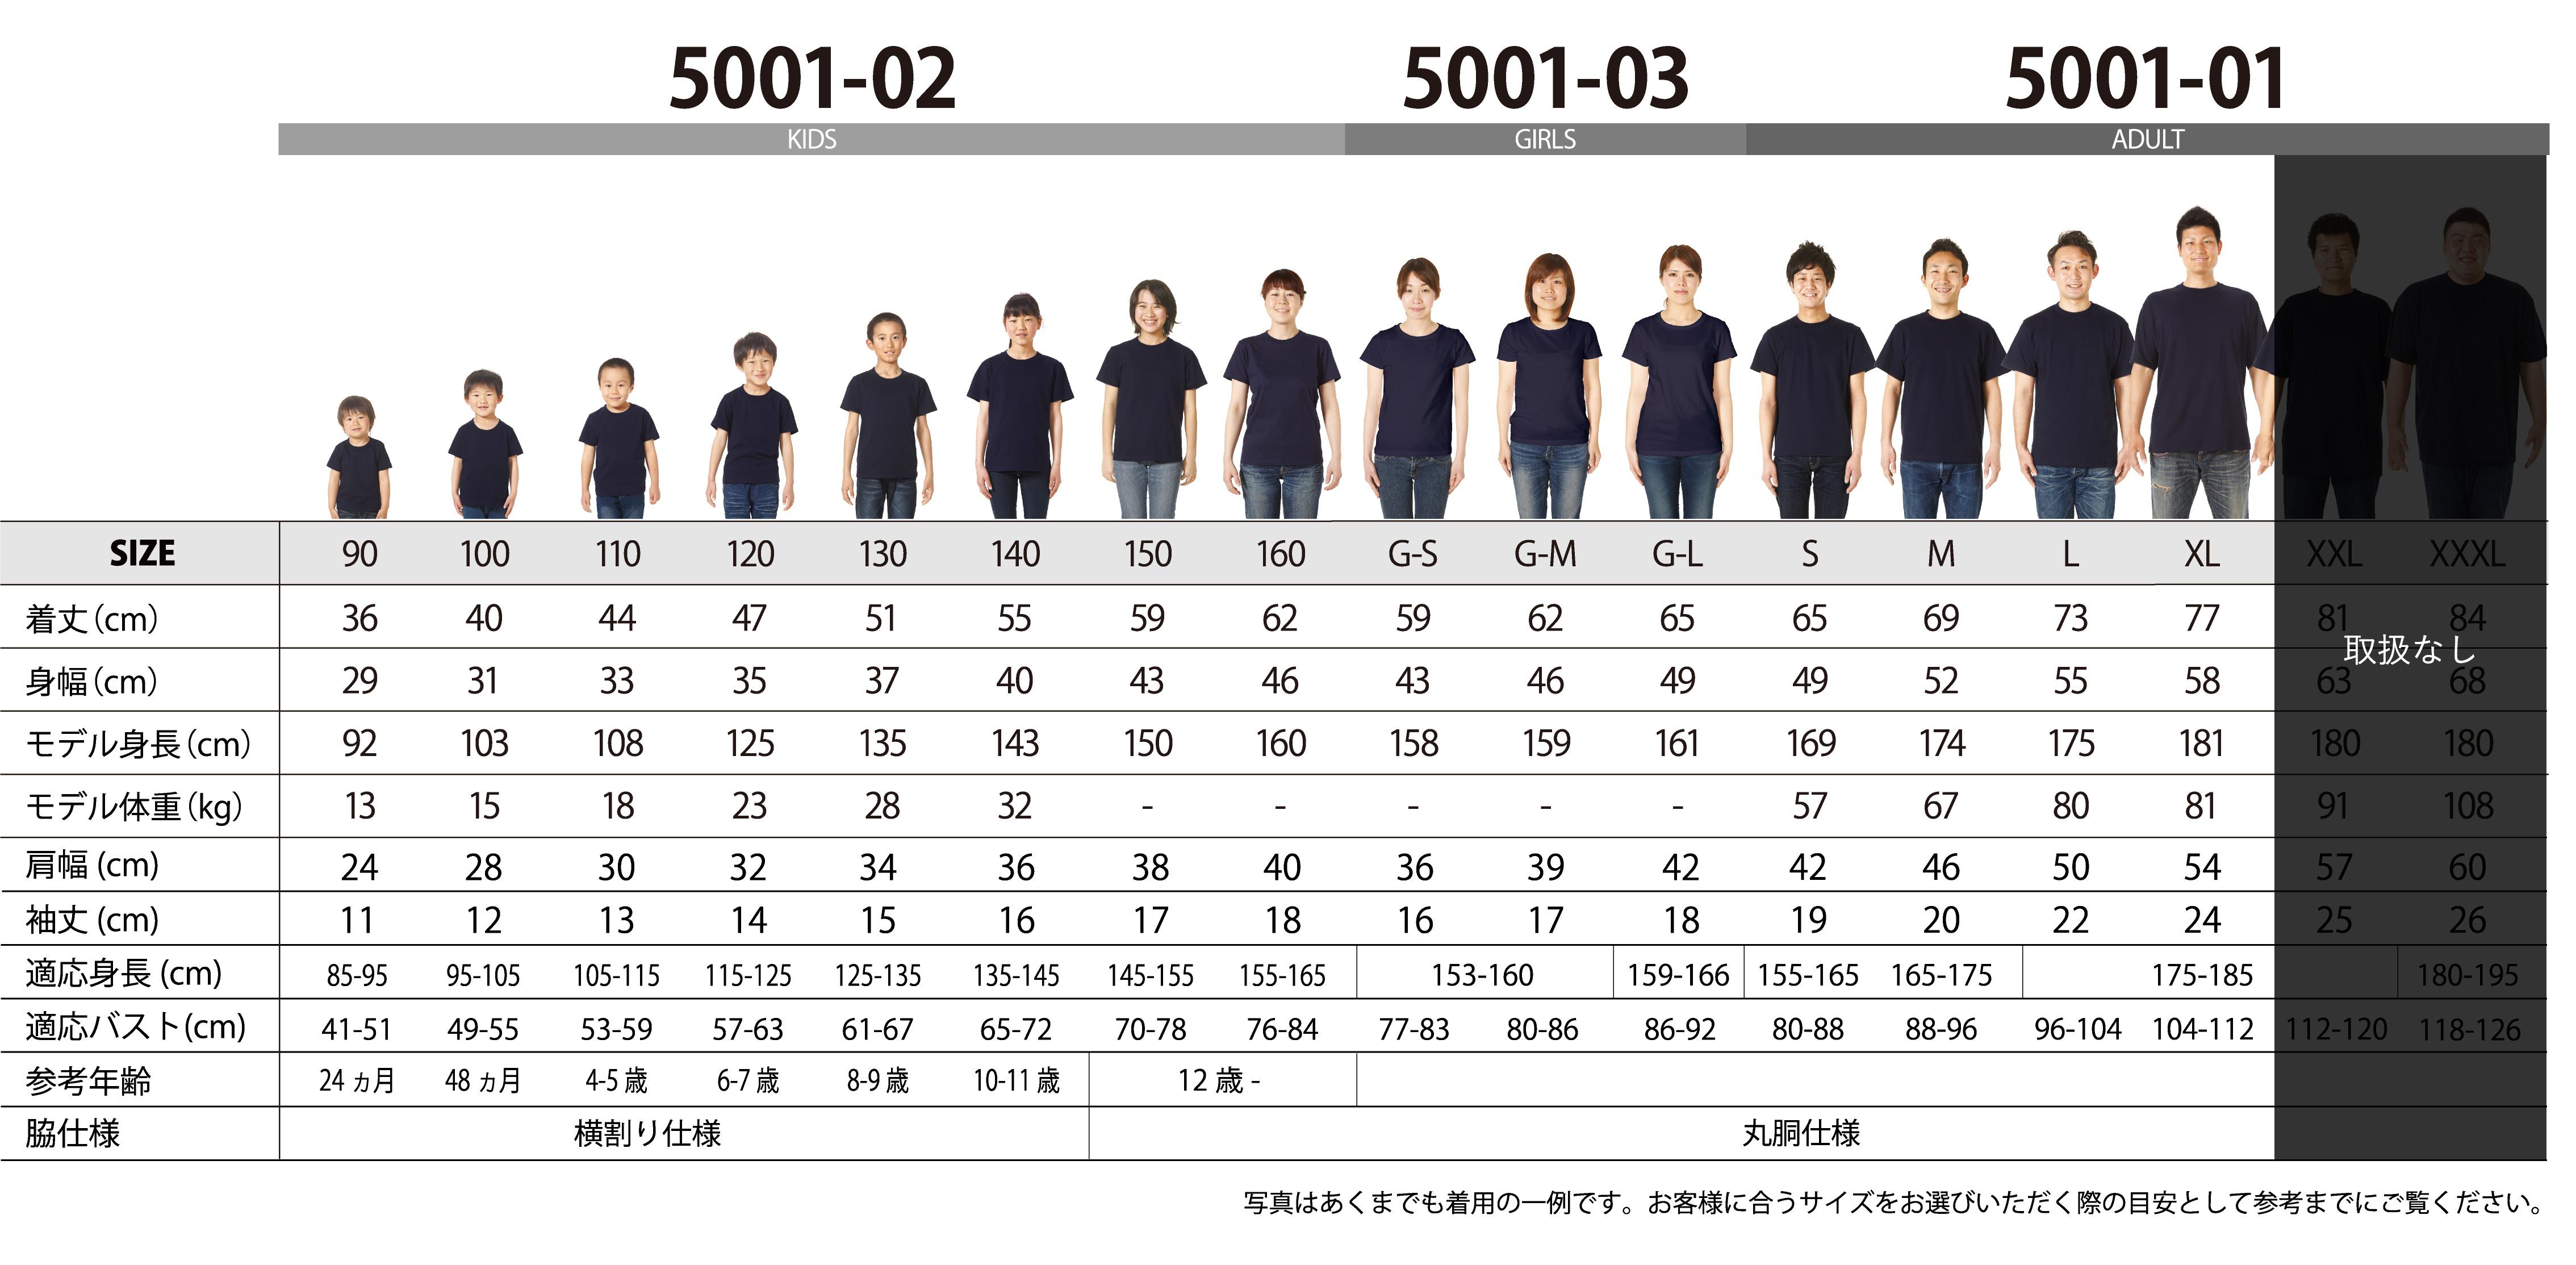 5001-01(男性用)、5001-03(女性用)、5001-02(キッズ)シルエット詳細